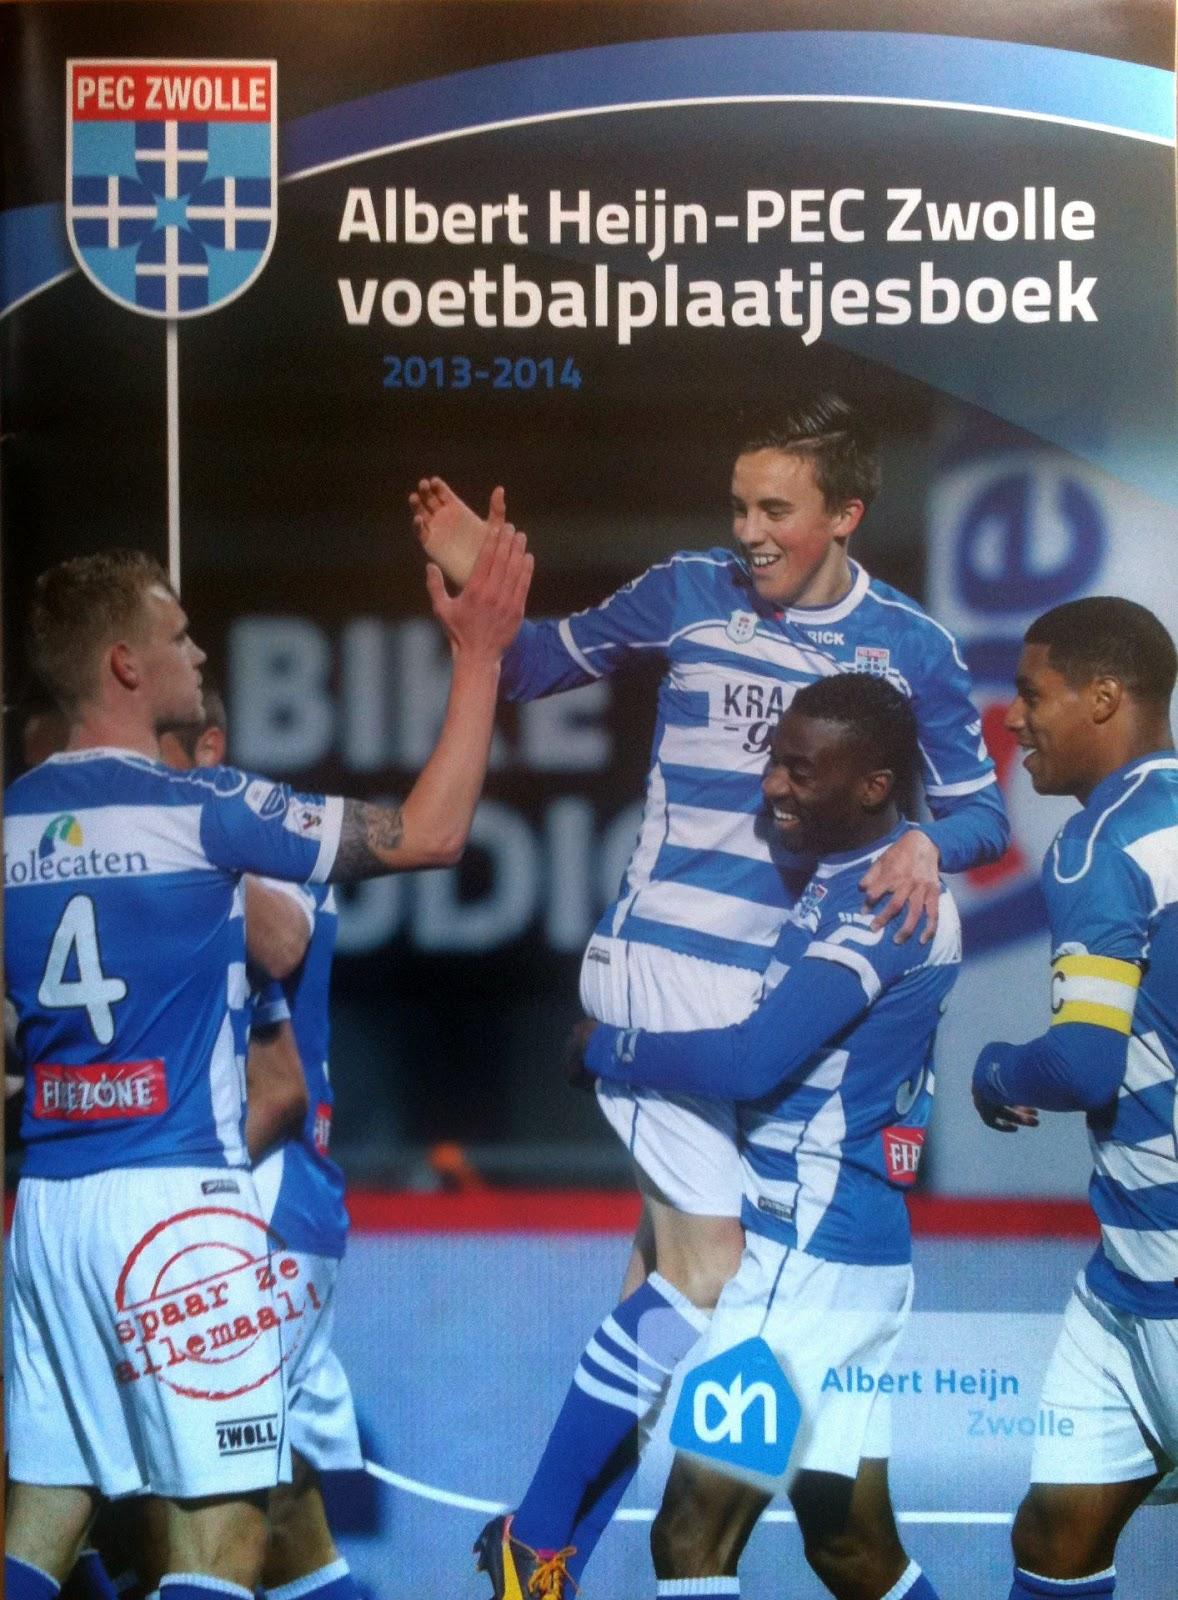 Football Cartophilic Info Exchange Albert Heijn Pec Zwolle Voetbalplaatjesboek 2013 2014